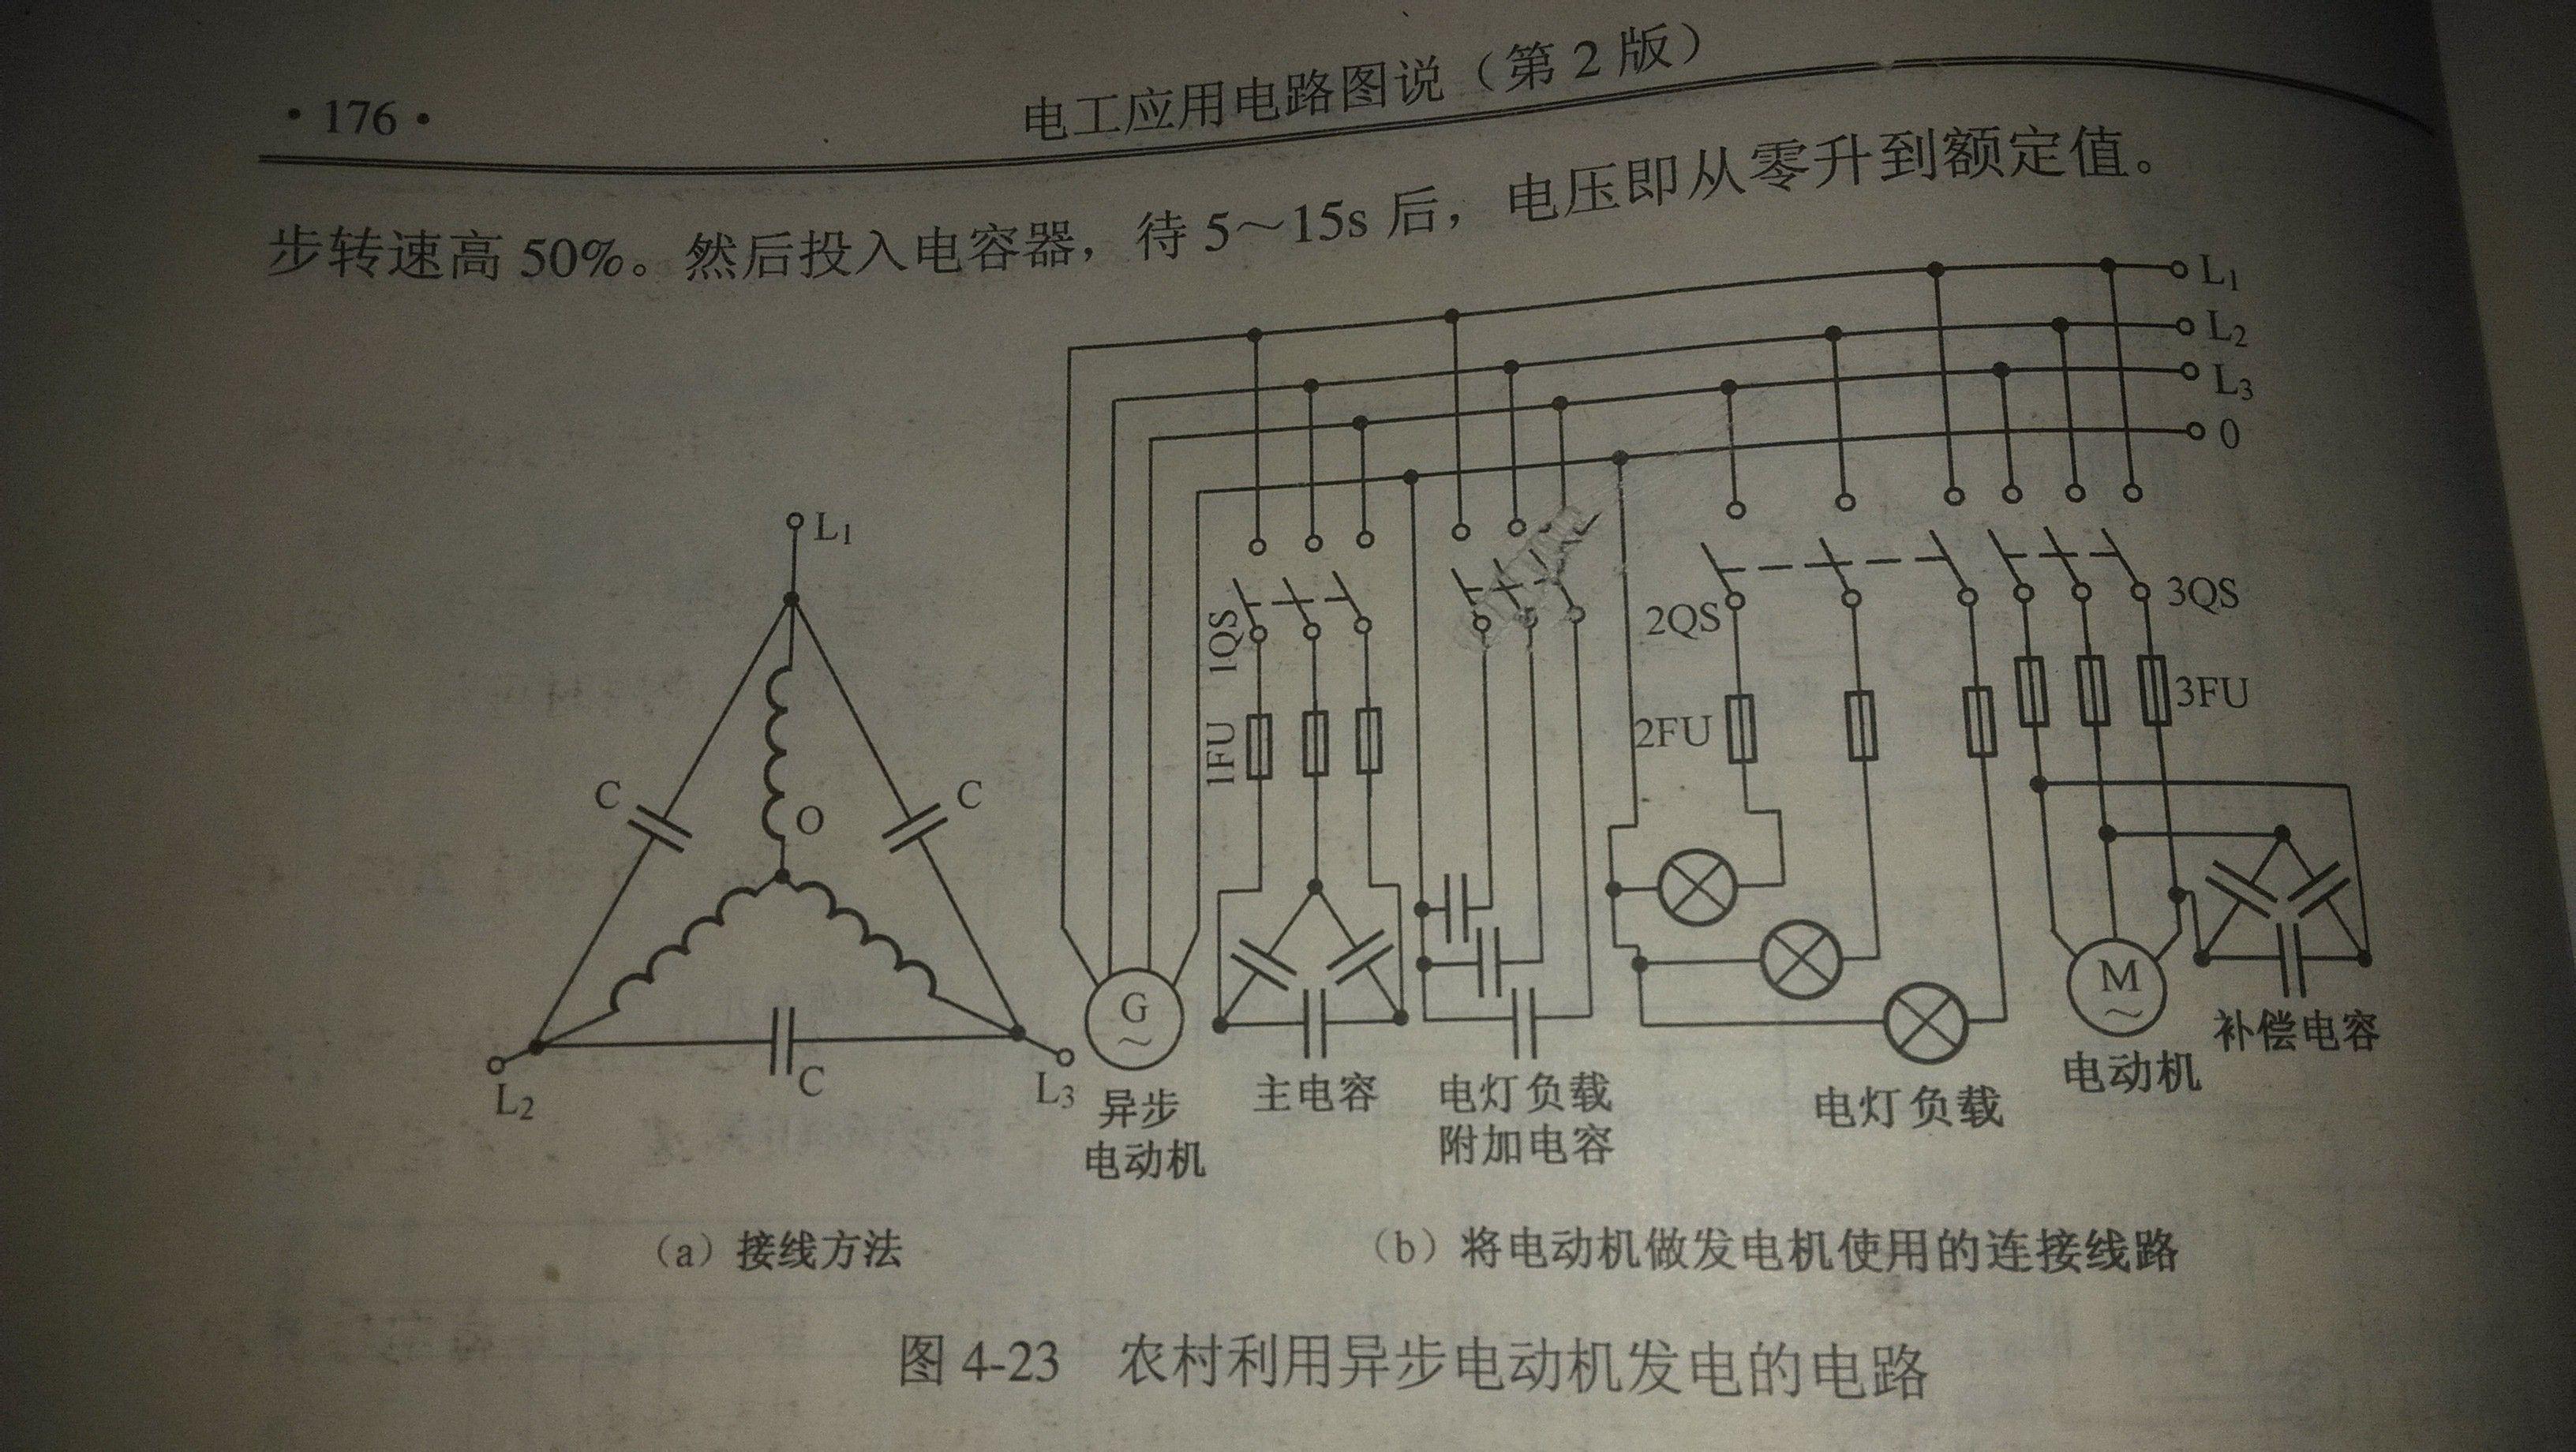 600w 三相电机怎样改成发电机高清图片